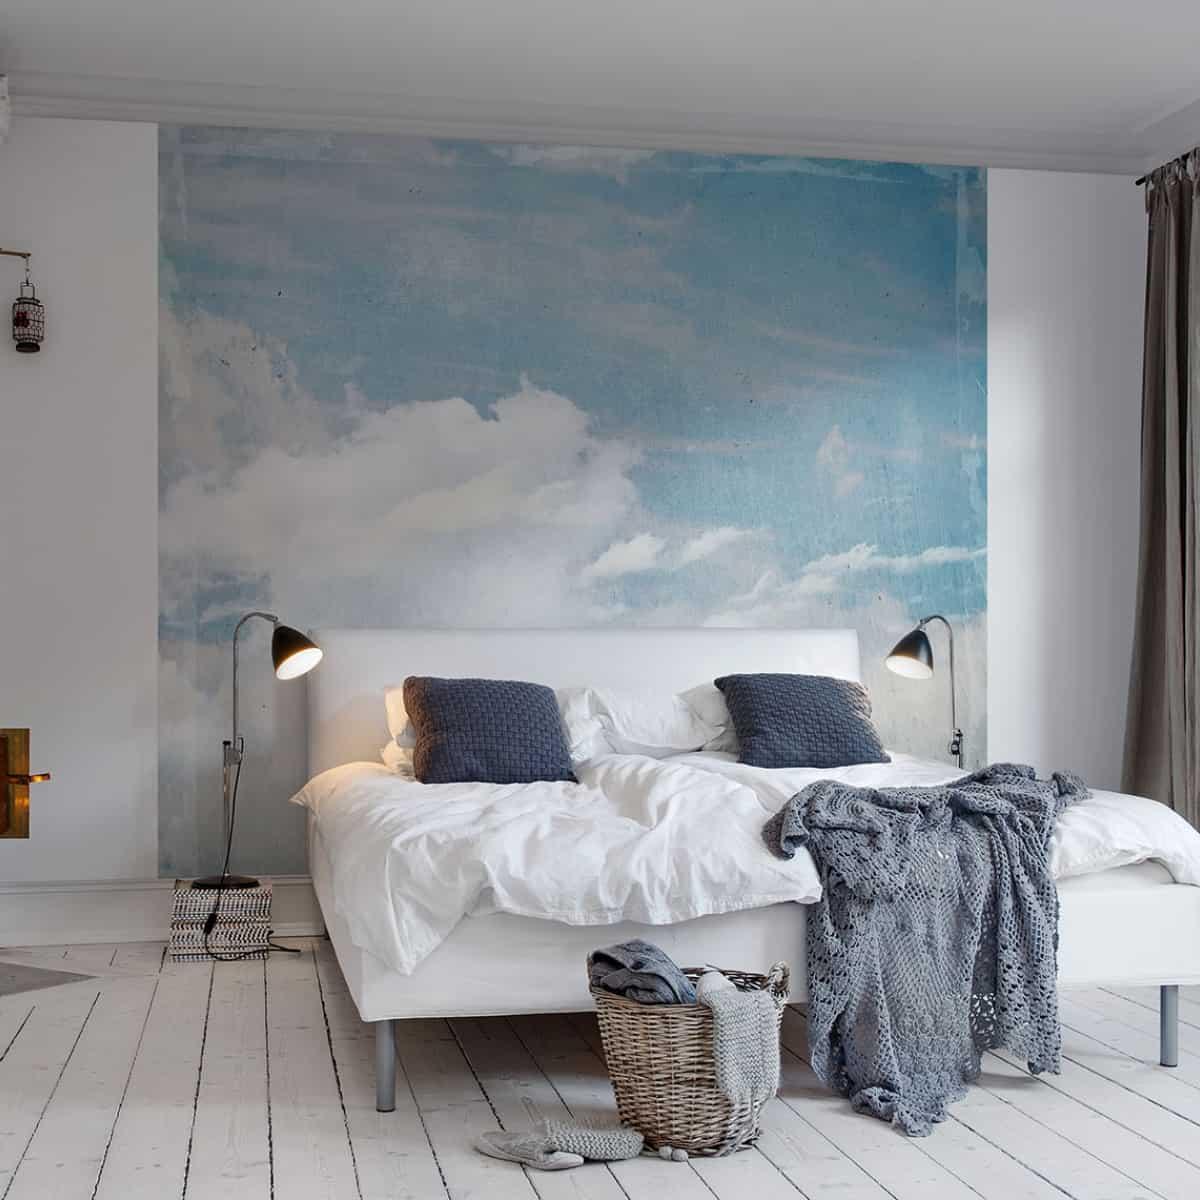 спальня украшена синими и белыми обоями, имитирующими небо с облаками, с двуспальной кроватью с белым и синим бельем и белым полом